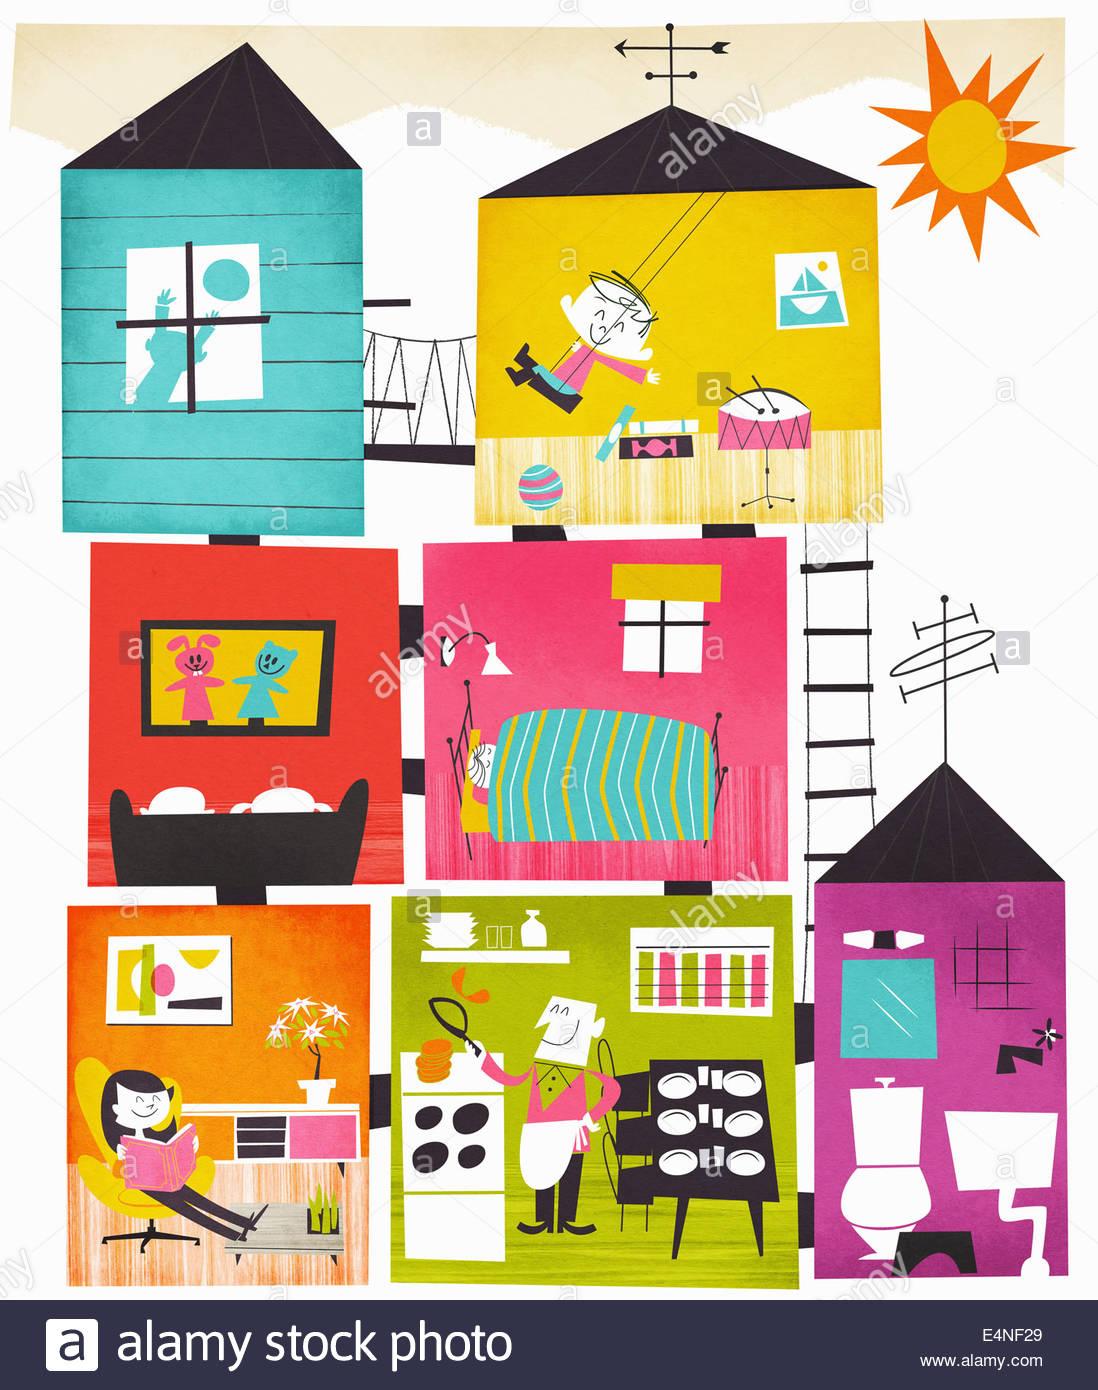 Familie Freizeit zu Hause im Querschnitt der Räume des Hauses genießen Stockbild